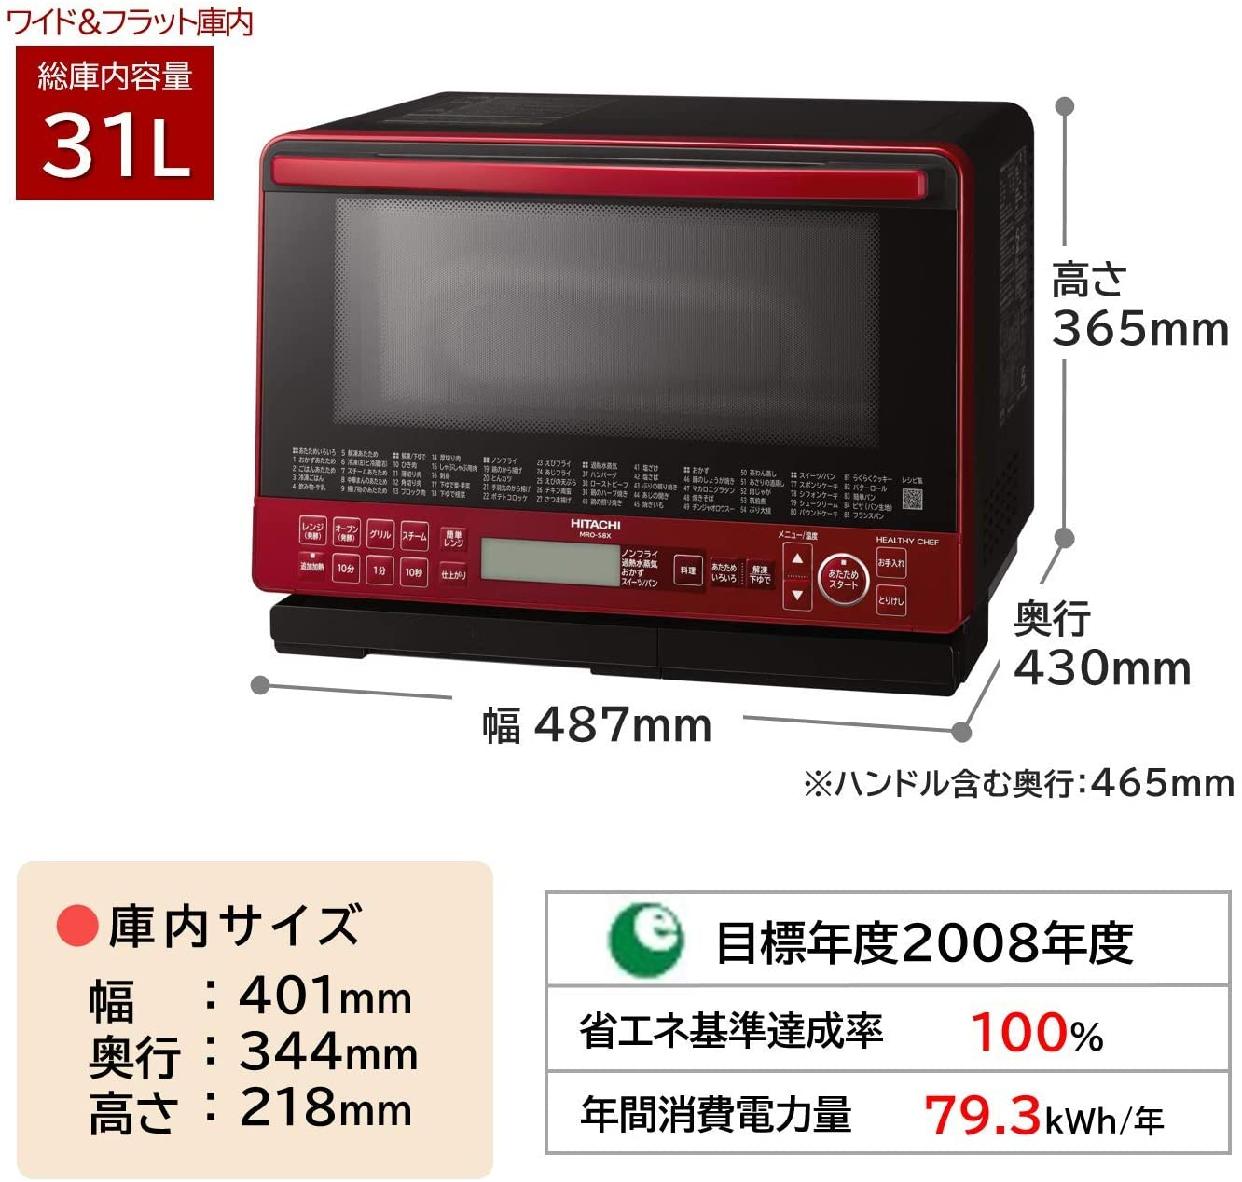 日立(HITACHI) ヘルシーシェフ MRO-S8Xの商品画像7